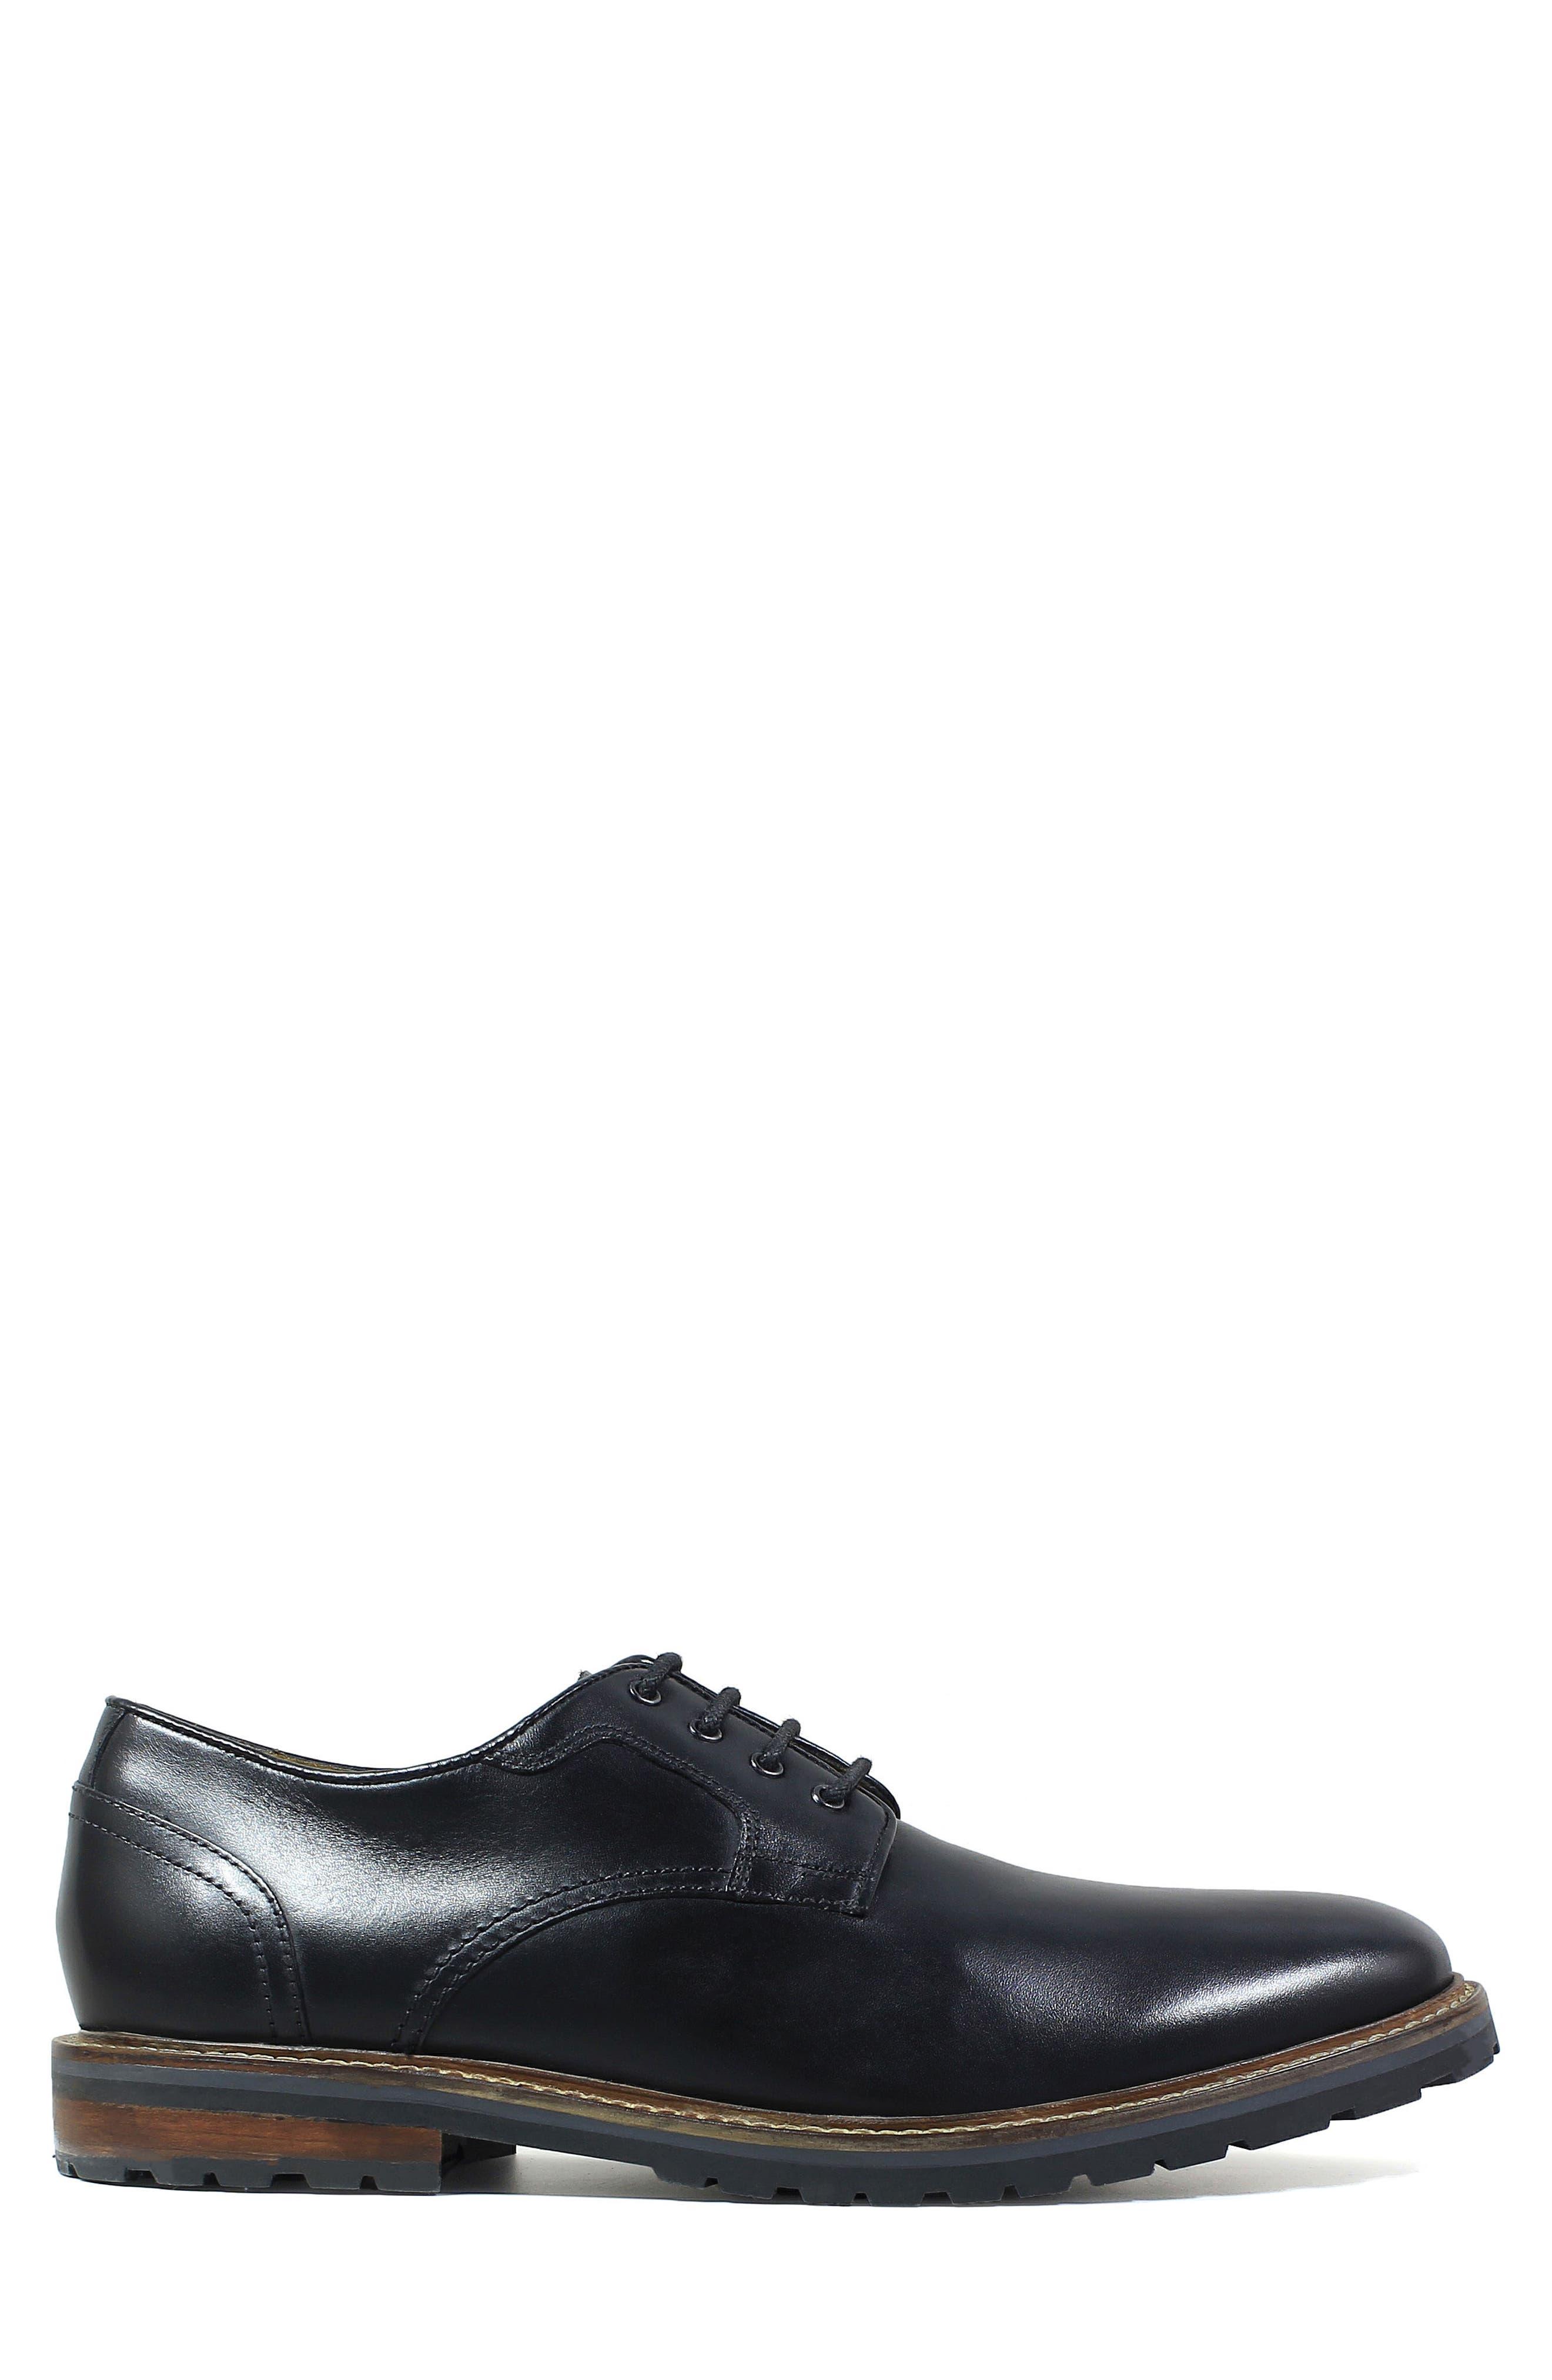 Estabrook Plain Toe Derby,                             Alternate thumbnail 3, color,                             Black